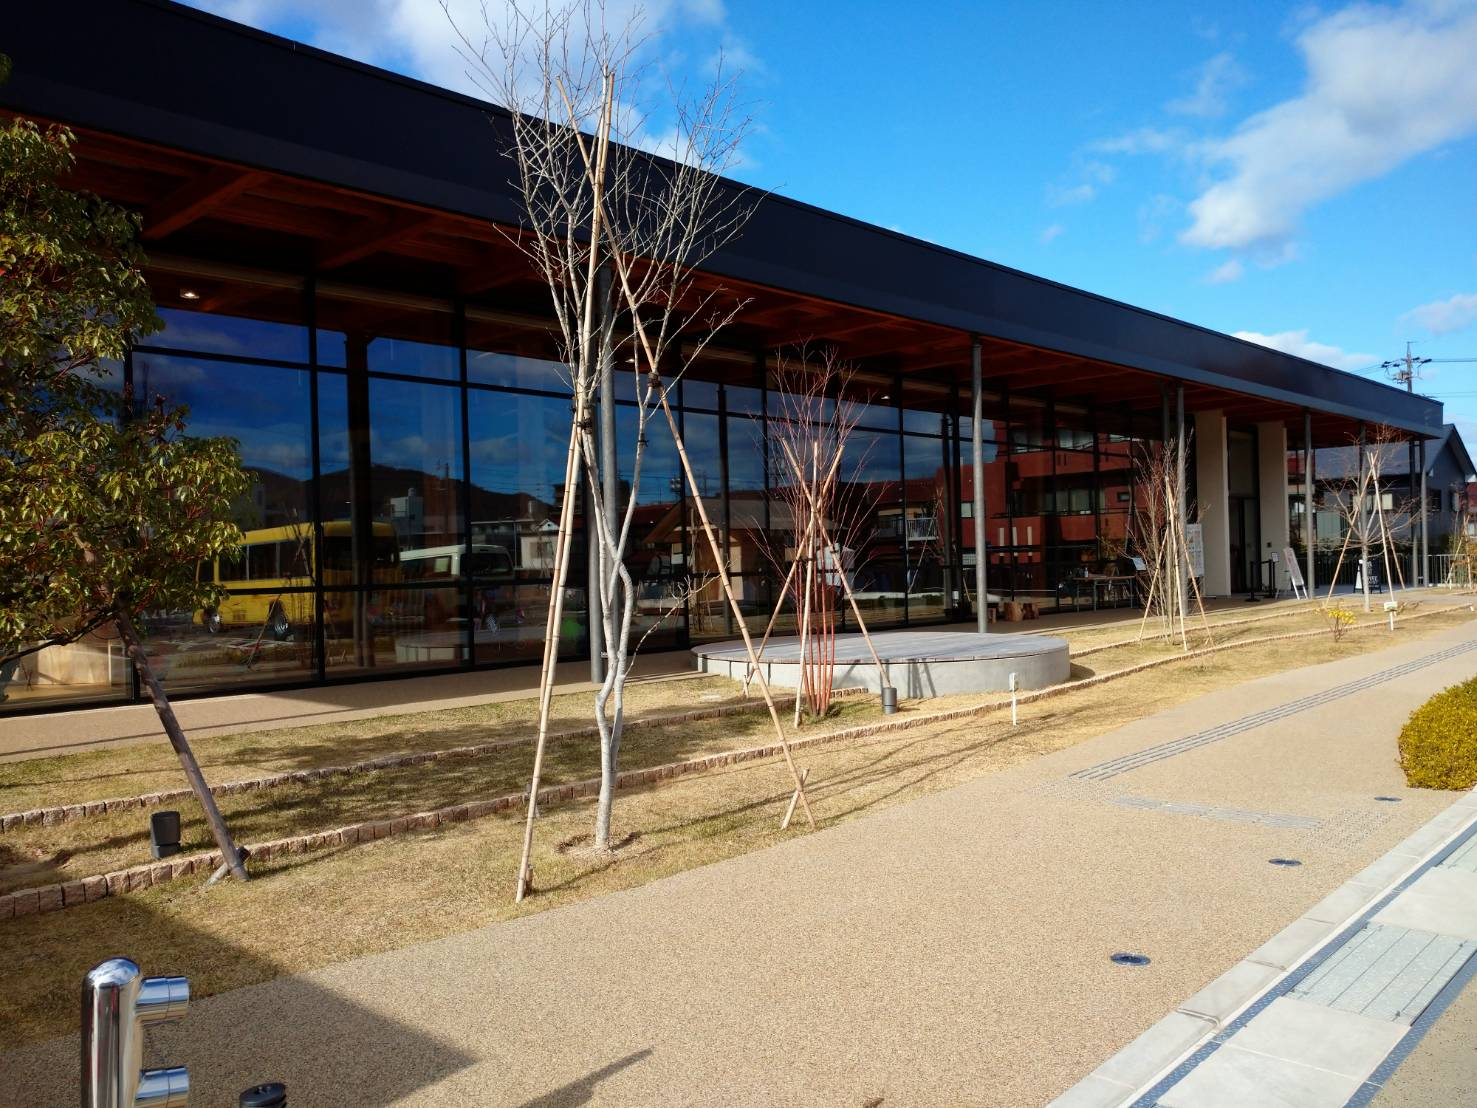 ぎふ木遊館が竣工・開館しています